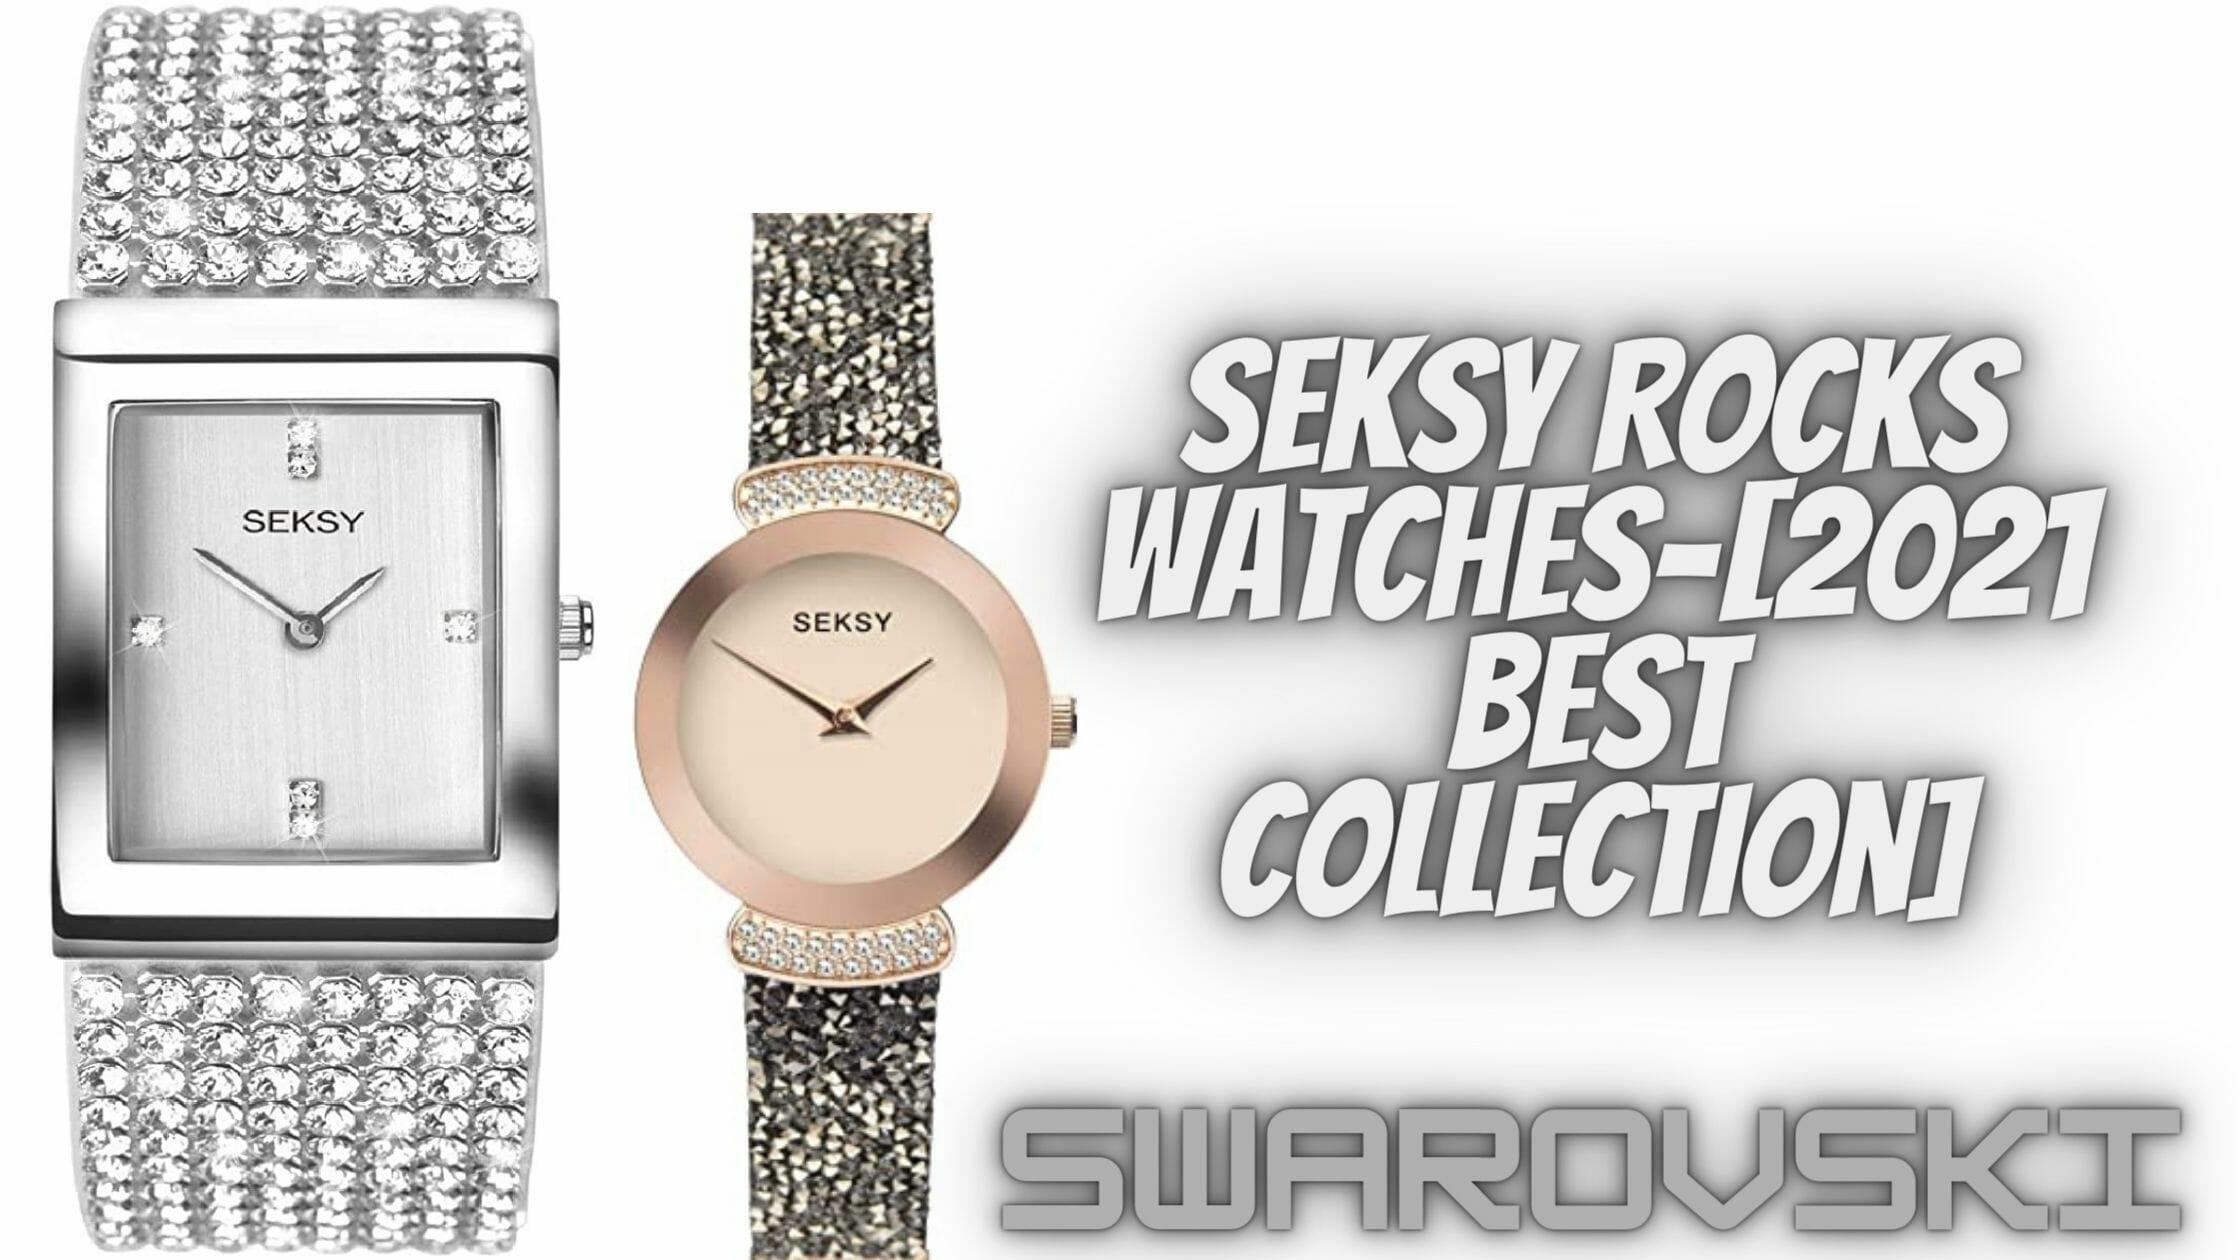 Seksy rocks watches